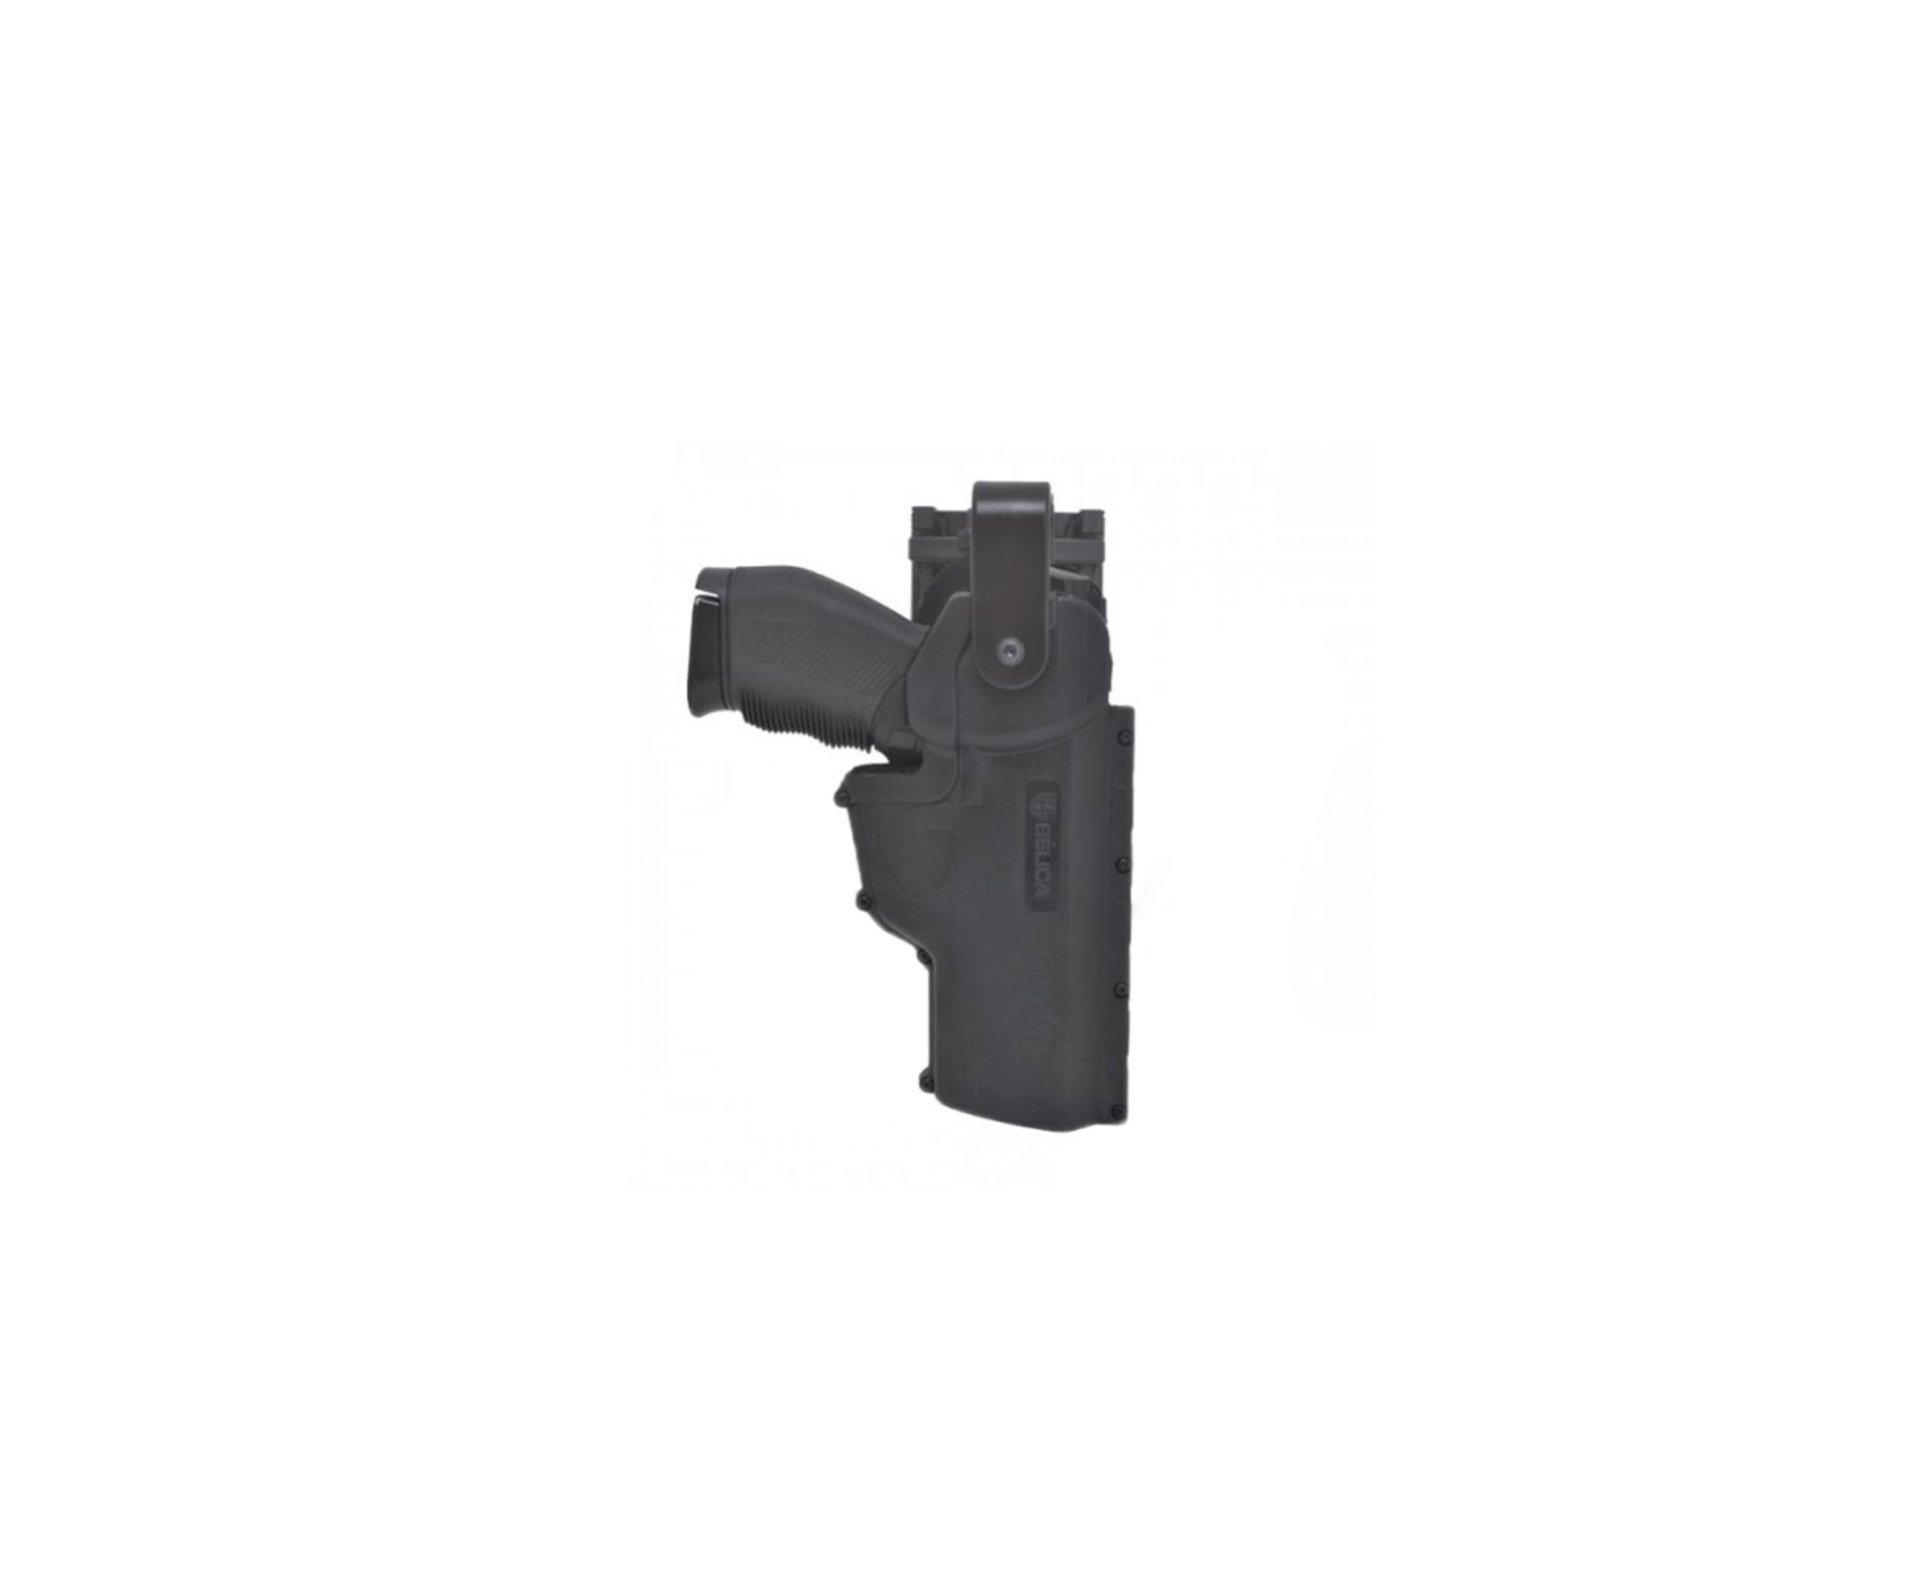 Coldre Hammer De Cintura Glock, 24/7, Taurus Diversas - Polimero - Destro- Belica